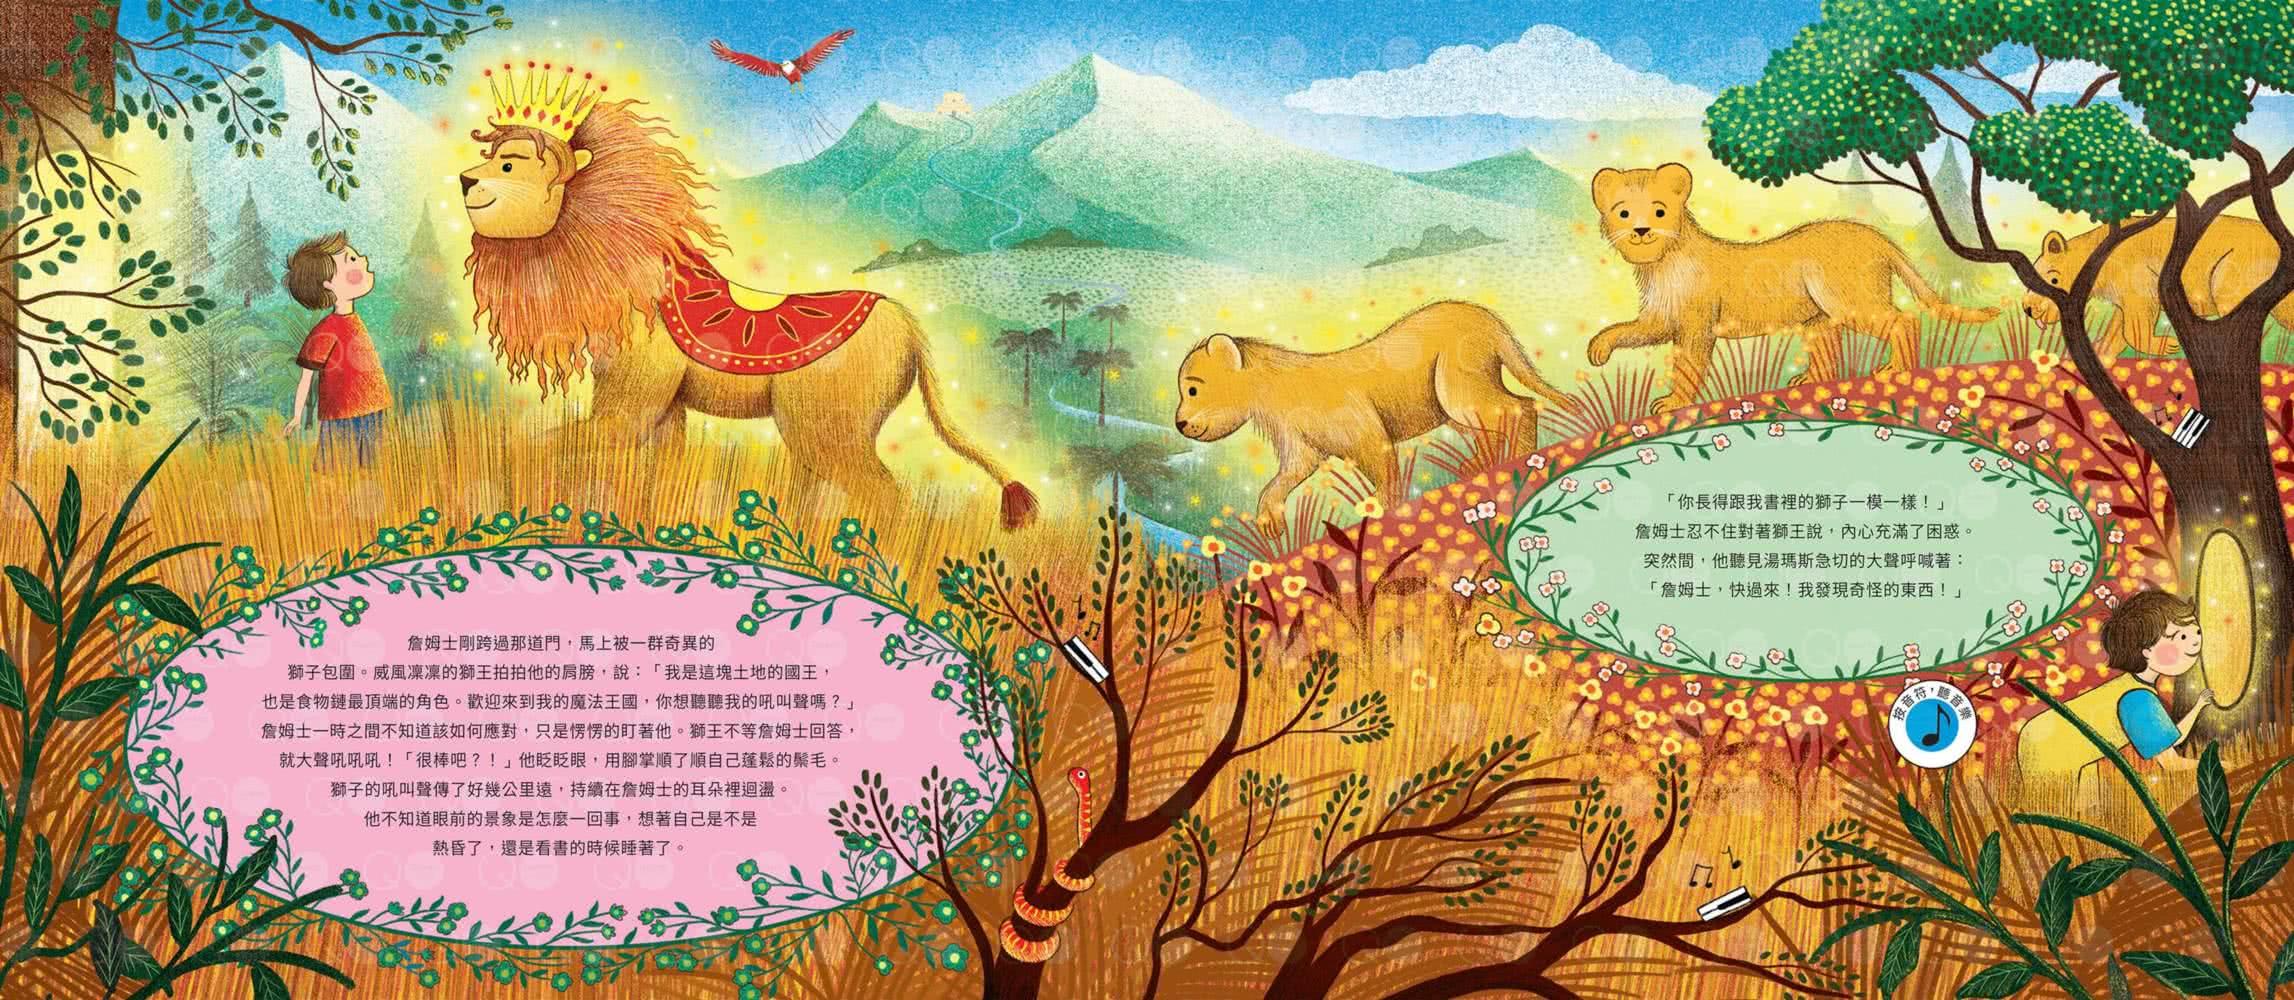 聖桑動物狂歡節音樂故事【古典布紋封面典藏版】